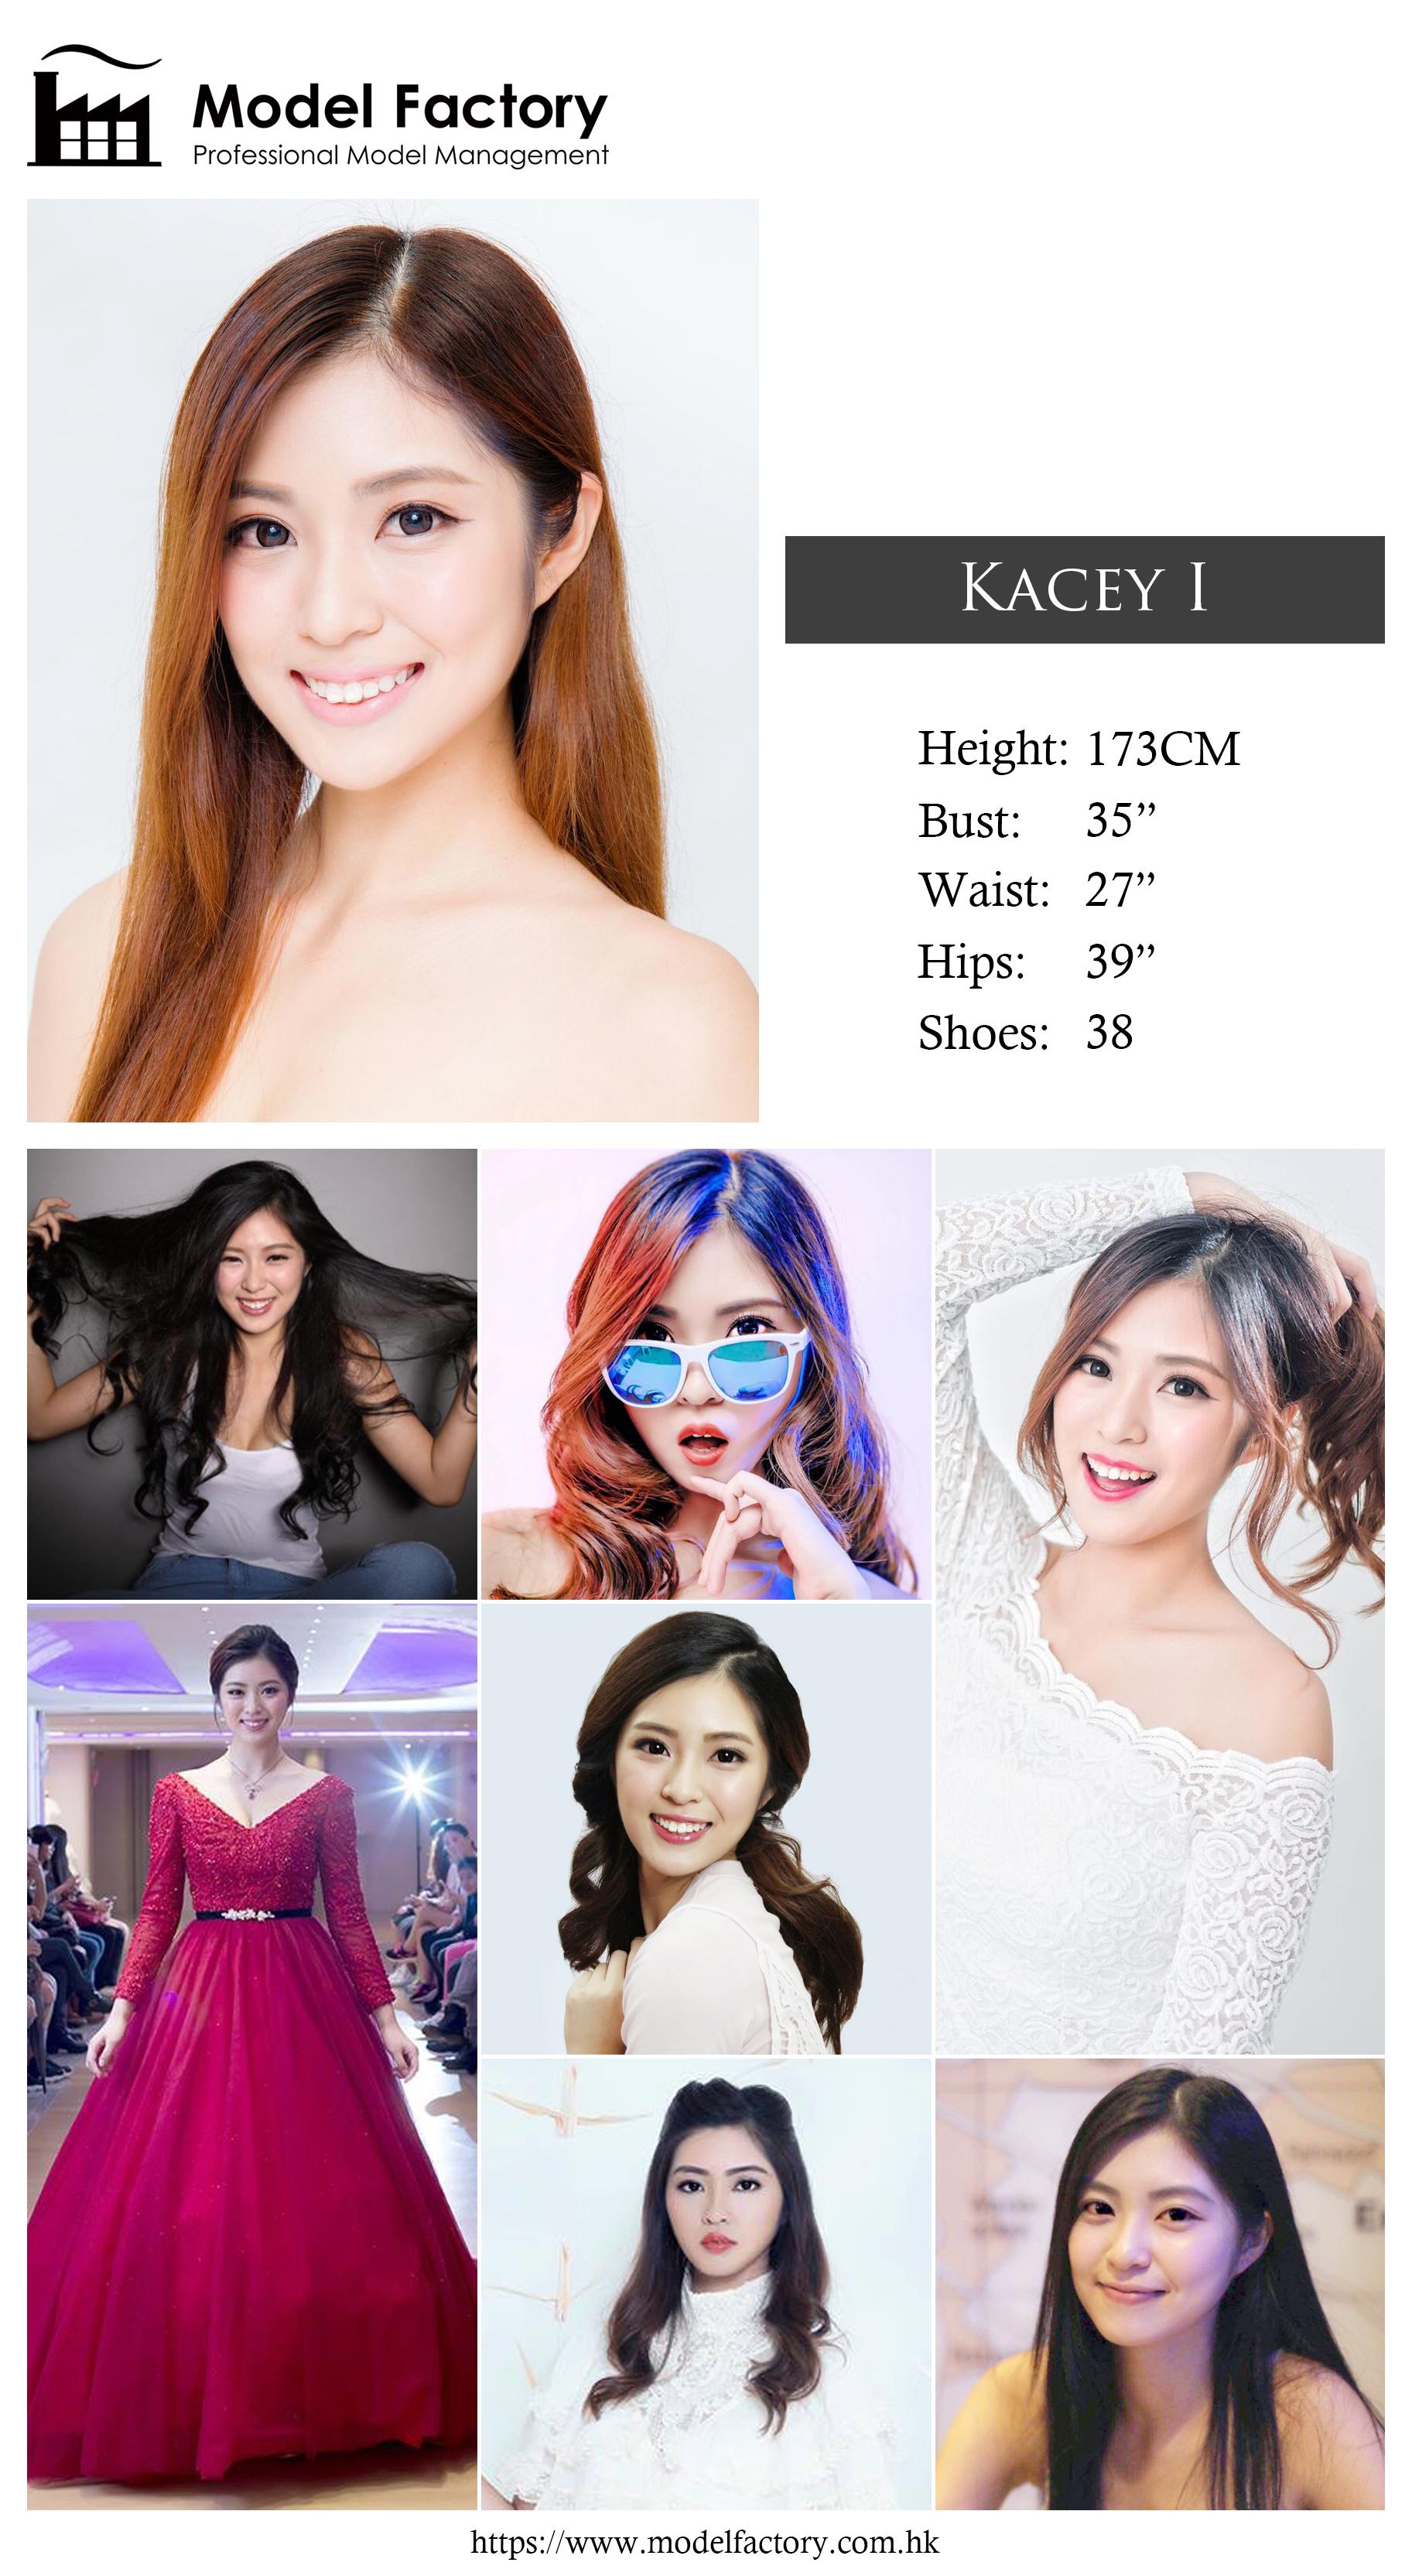 Model Factory Hong Kong Female Model KaceyI